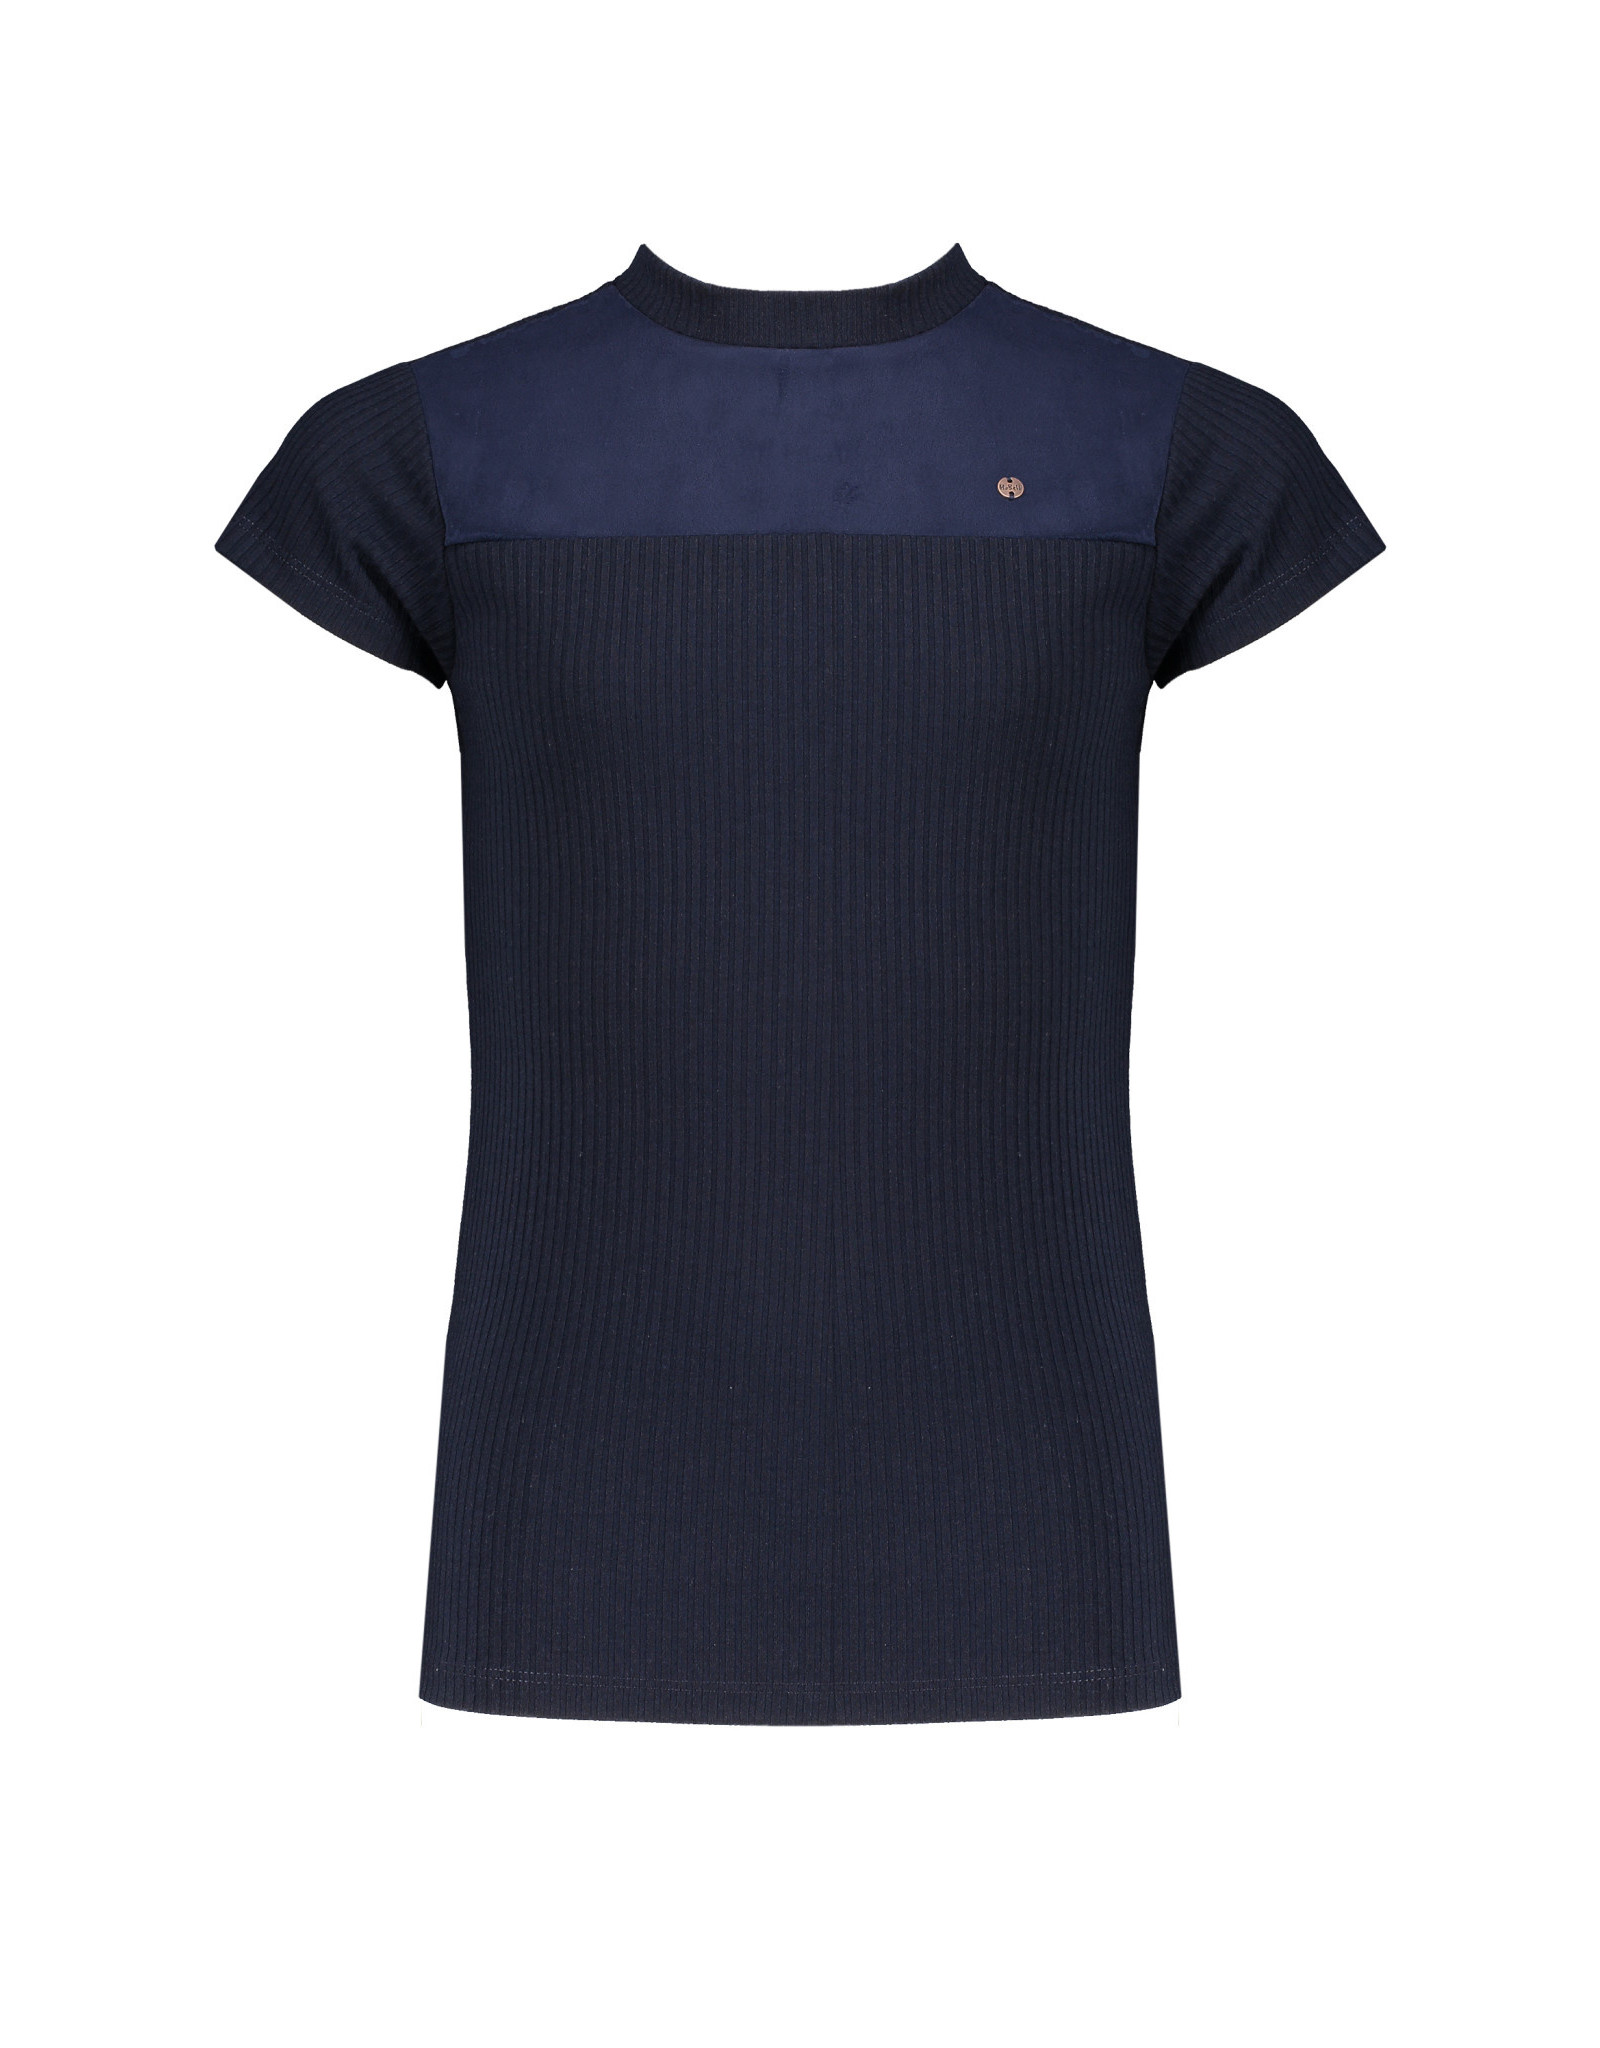 NoBell meiden t-shirt met suede stukken Kim Grey Navy